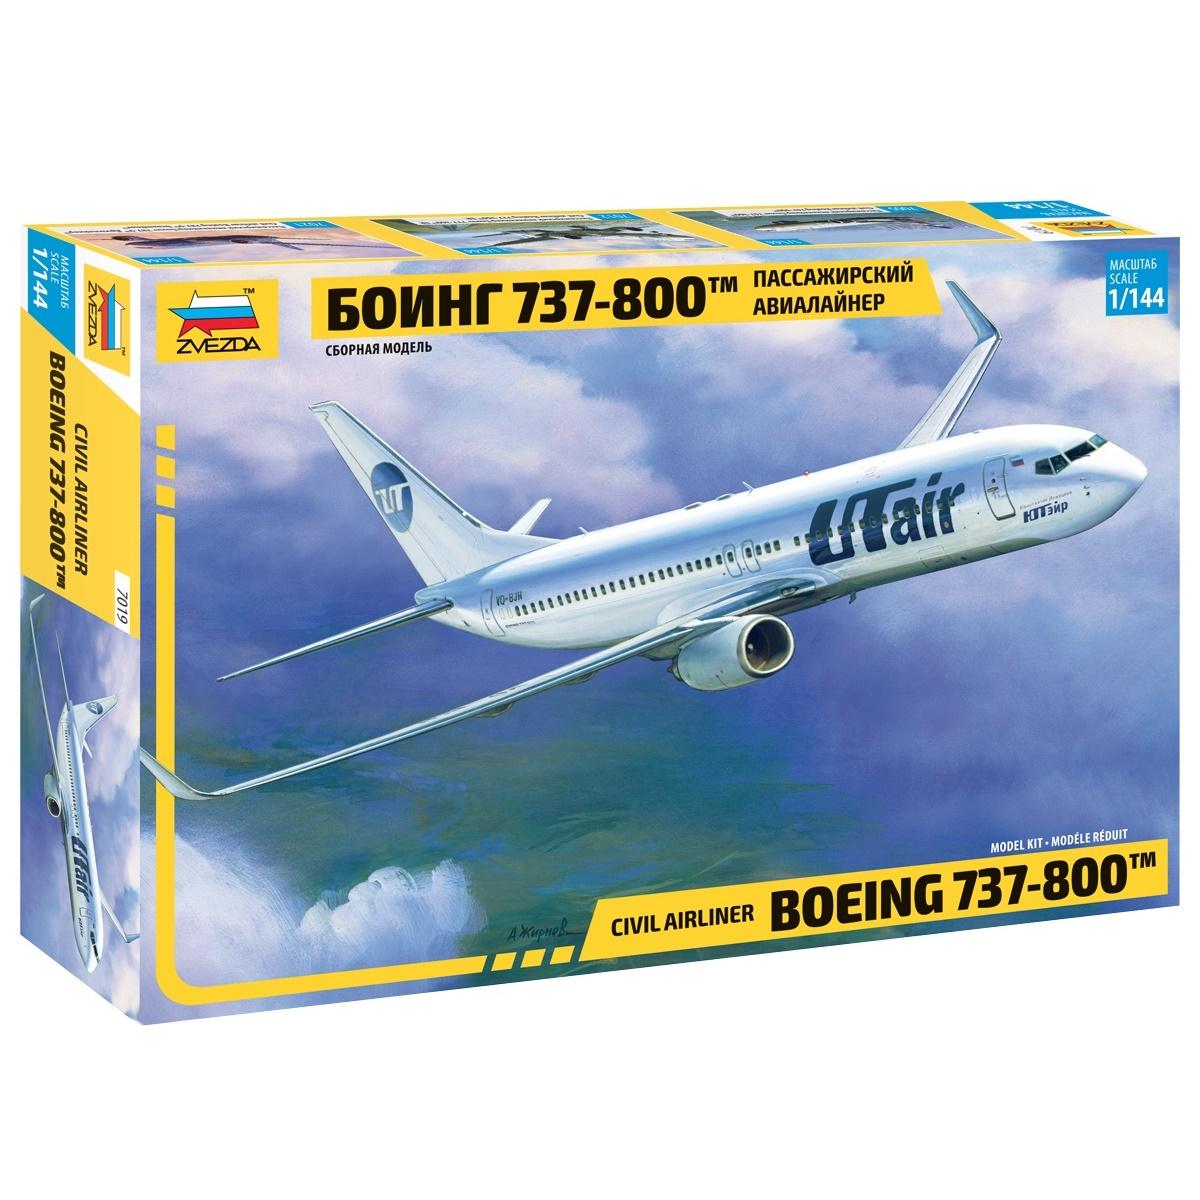 Купить Сборная модель Пассажирский авиалайнер - Боинг 737-300, ZVEZDA